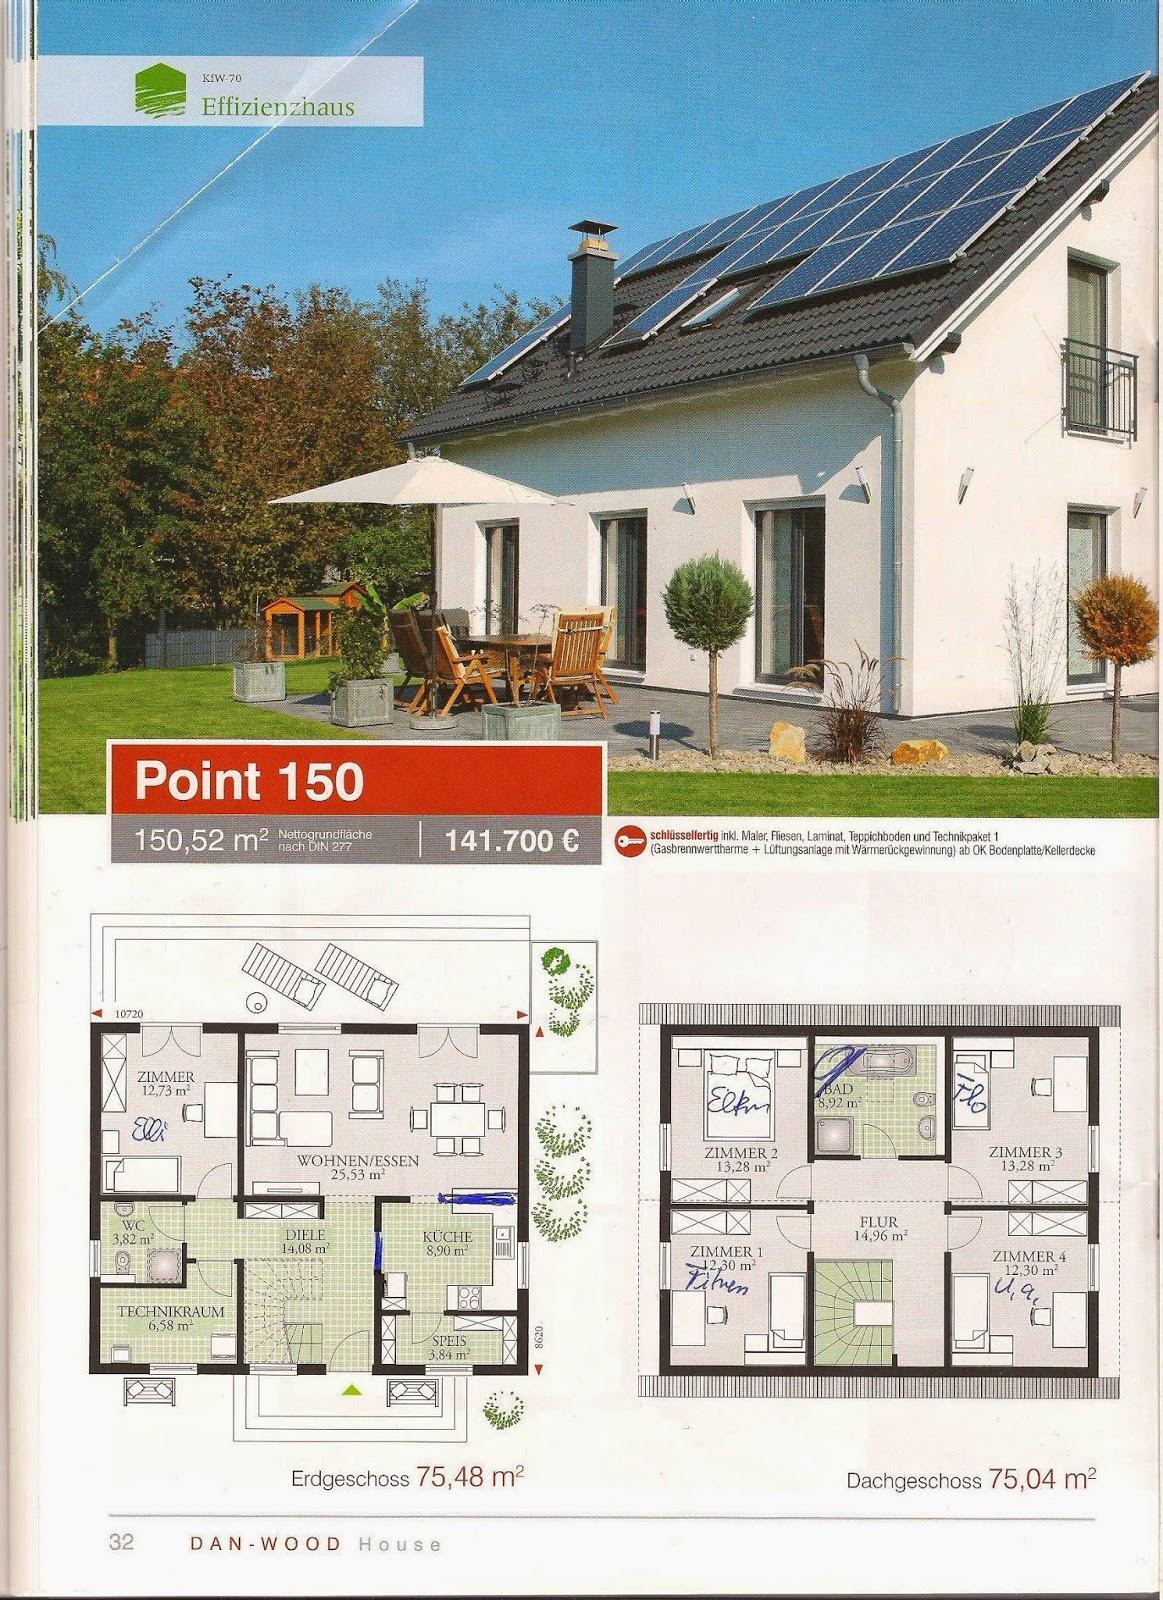 flo baut sein traumhaus point 150 von danwood mit ks. Black Bedroom Furniture Sets. Home Design Ideas